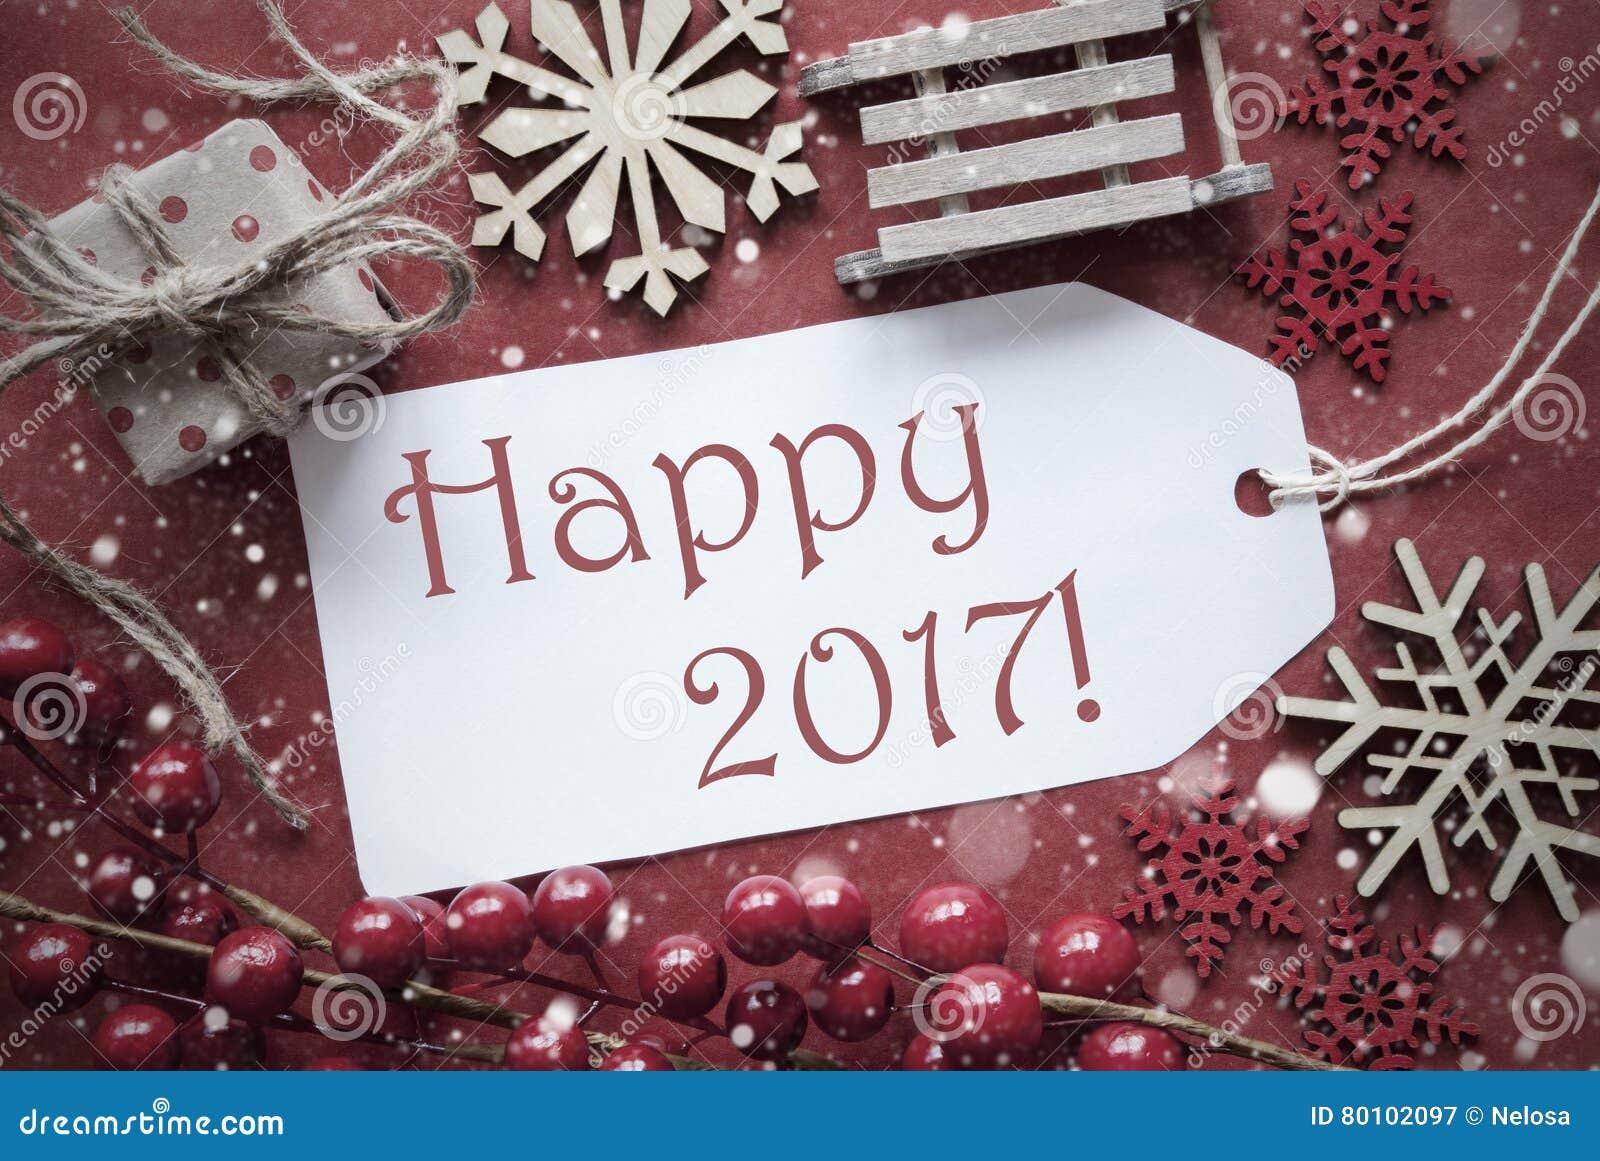 Decoração nostálgica do Natal, etiqueta com texto 2017 feliz